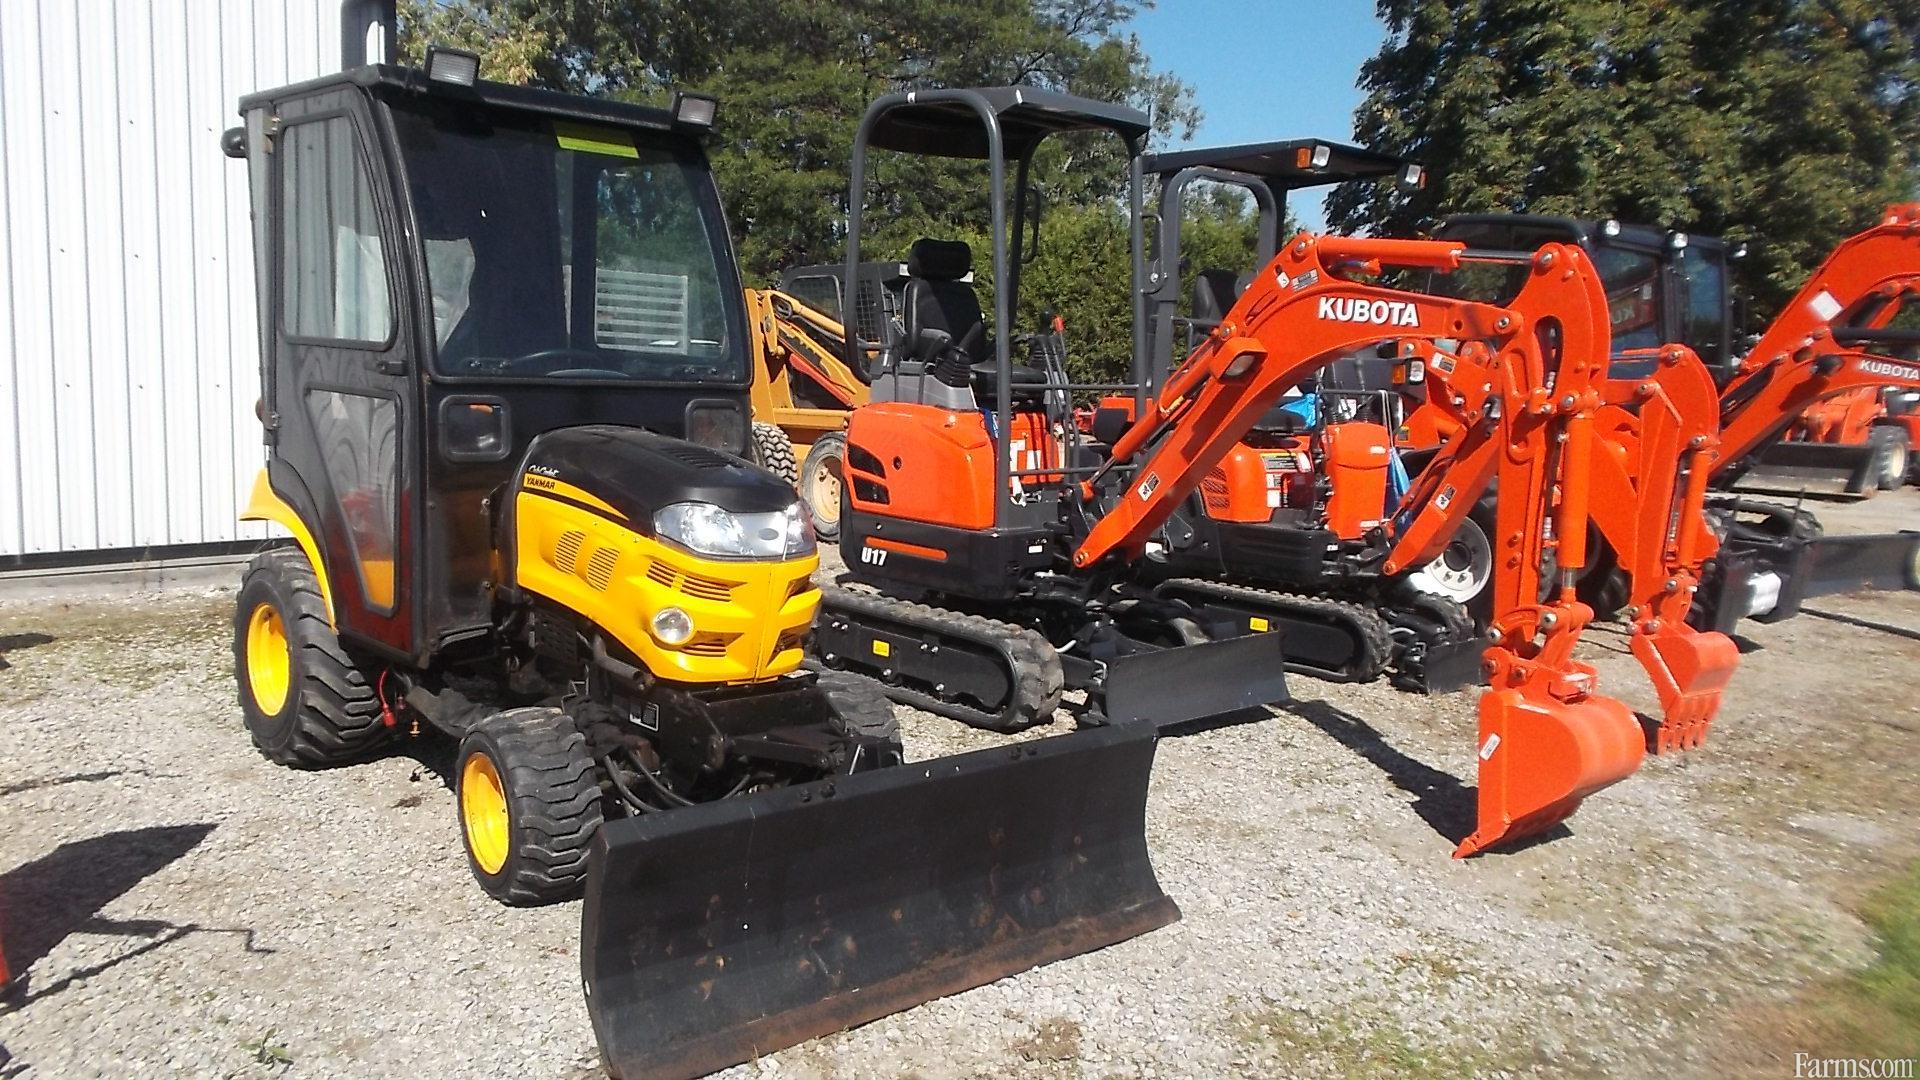 Yanmar 1300d Tractor Parts : Yanmar compact tractors bing images